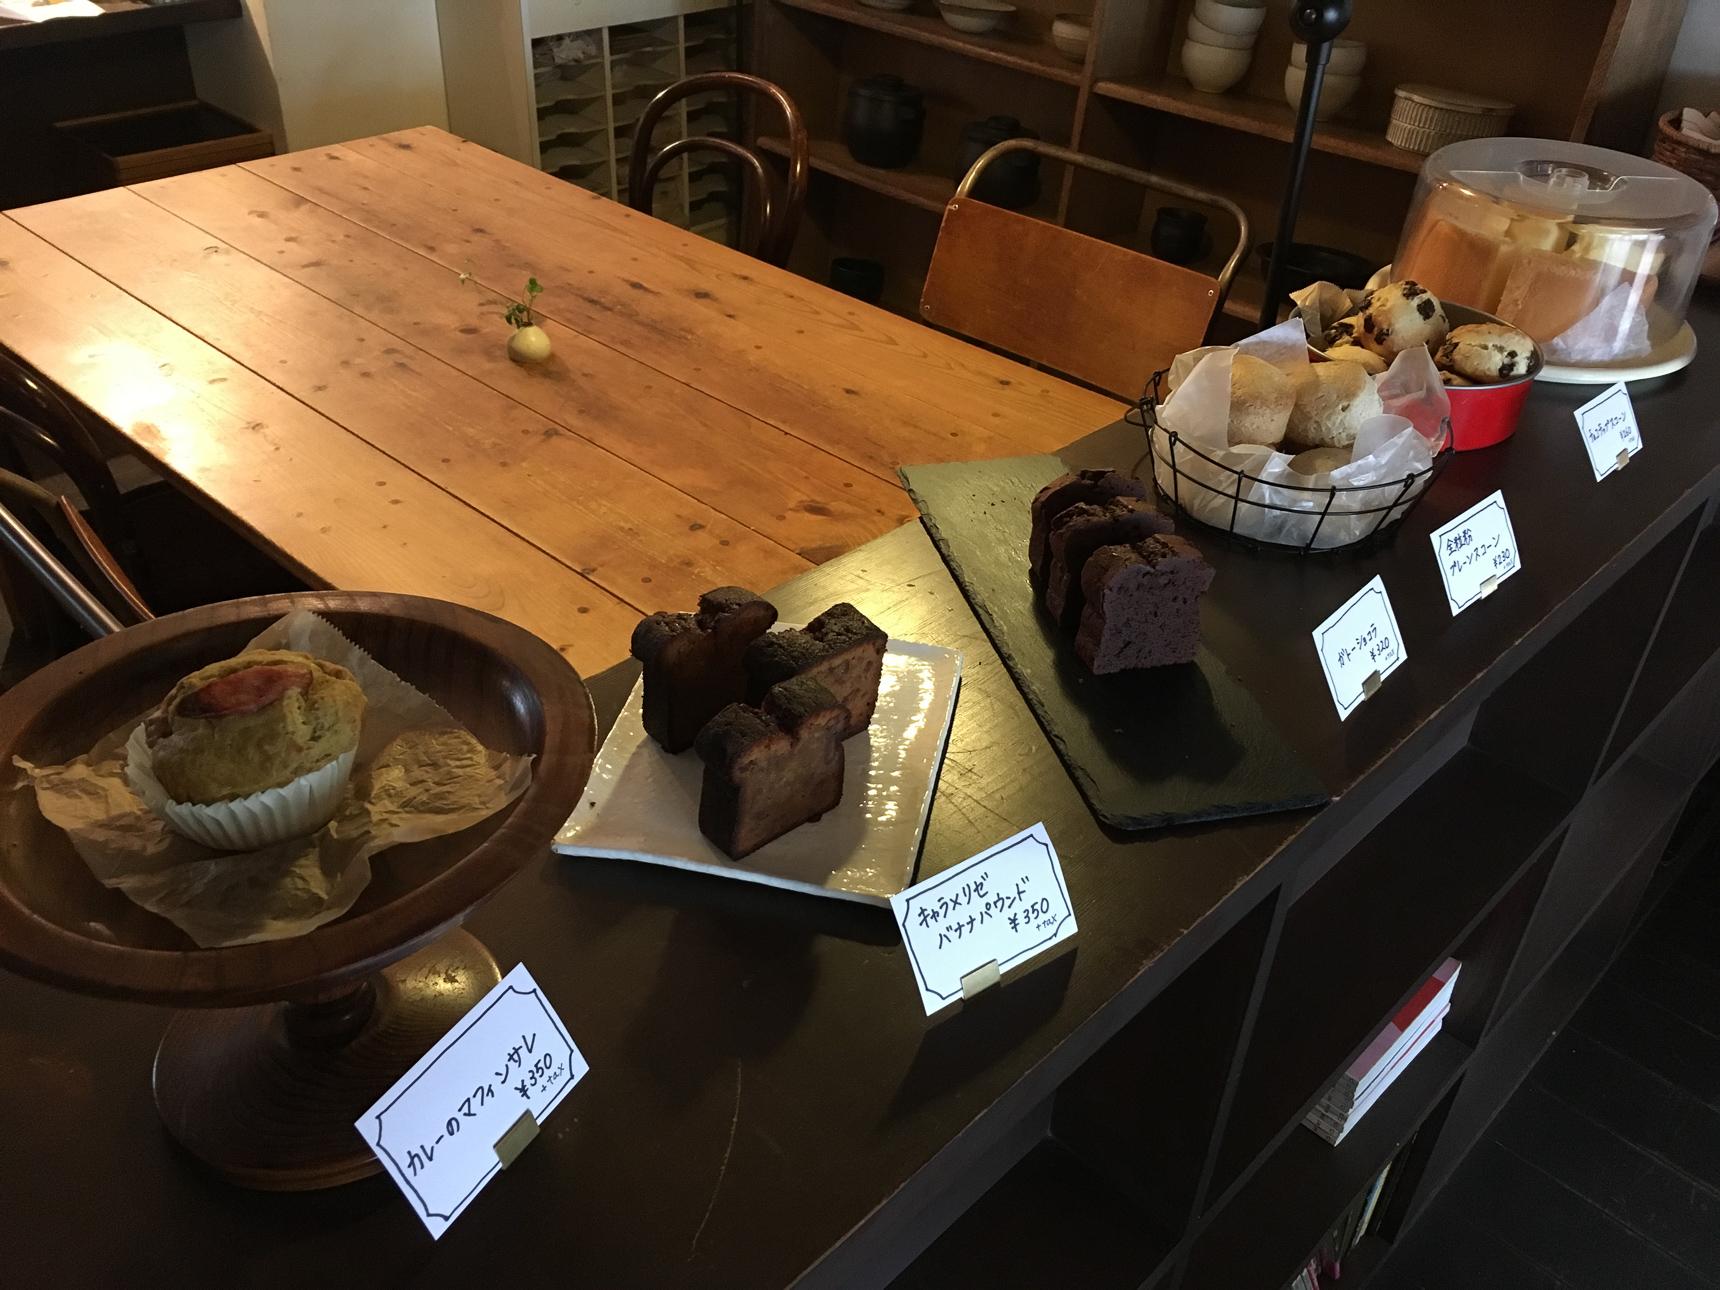 棚の上に可愛らしく並んだスイーツはお持ち帰りもOK。ここでちょっと、素敵なケーキを買って、おうちでゆっくりティータイム、ていうのもいいですよね。